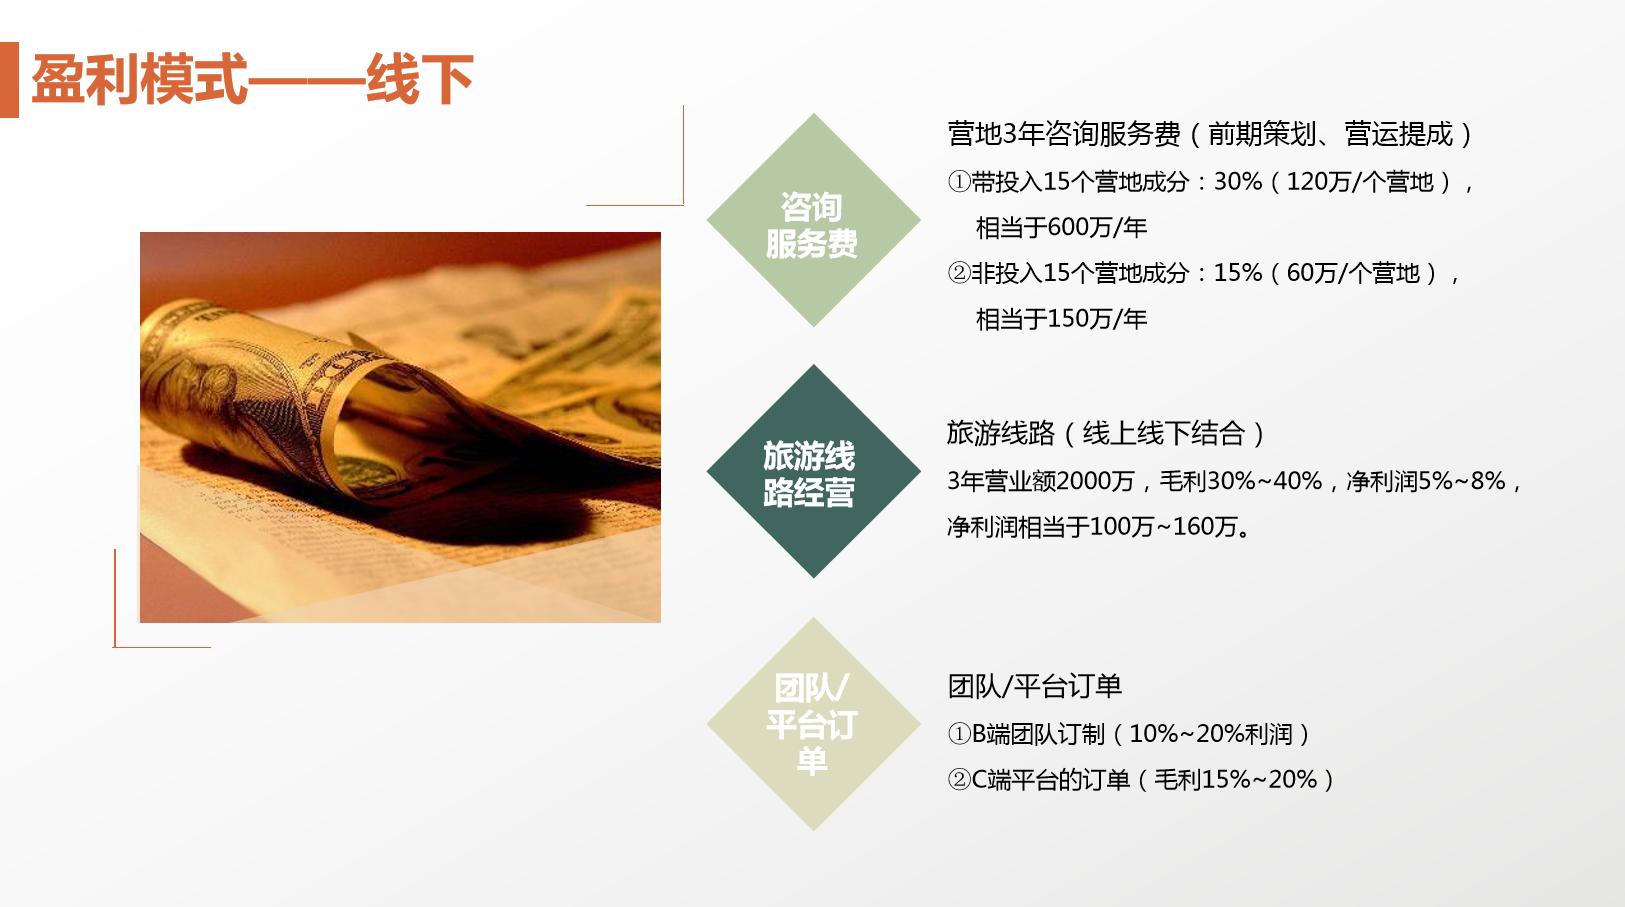 商业计划书融资计划书BP招商PPT可行性研究报告创业计划书